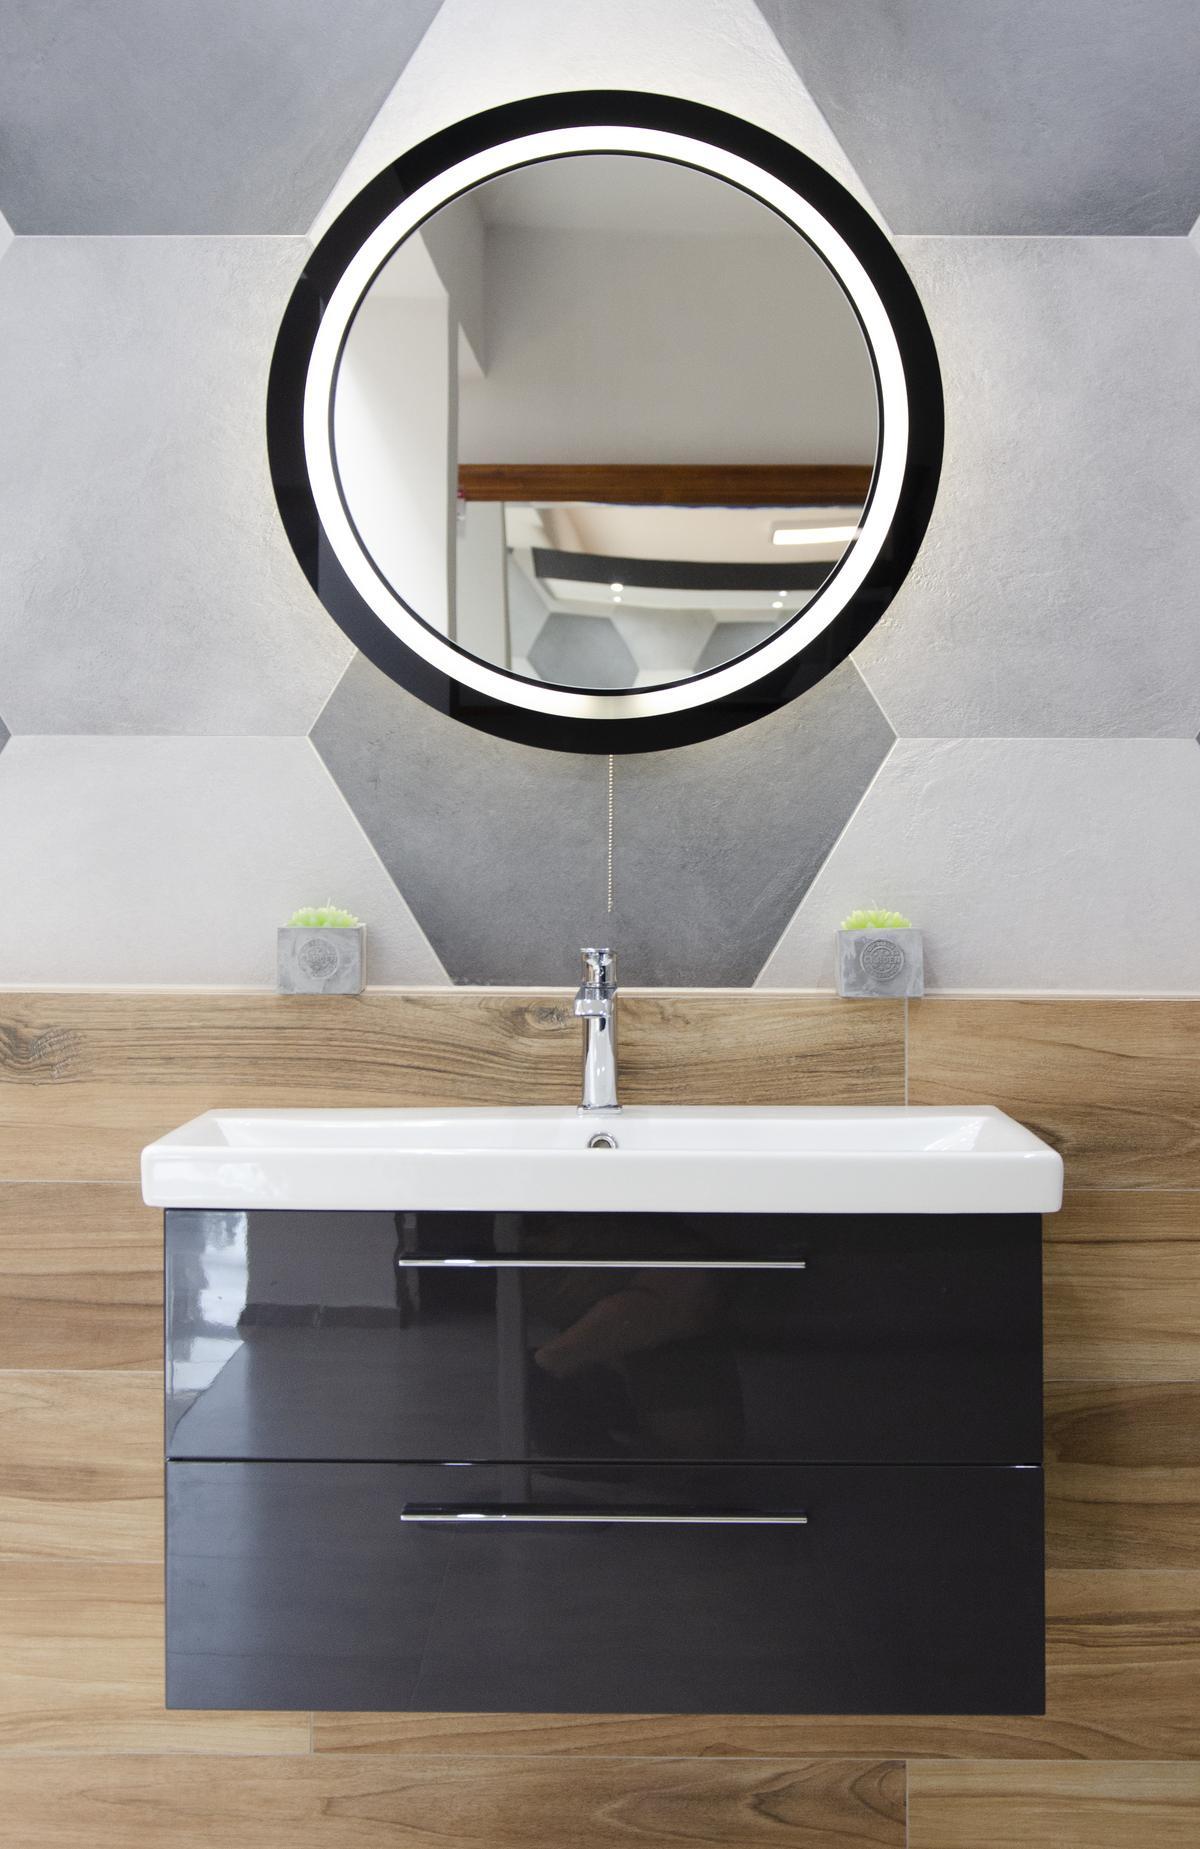 Czarne akcenty w połączeniu z industrialną szarością - zdjęcie od BLU salon łazienek Grudziądz